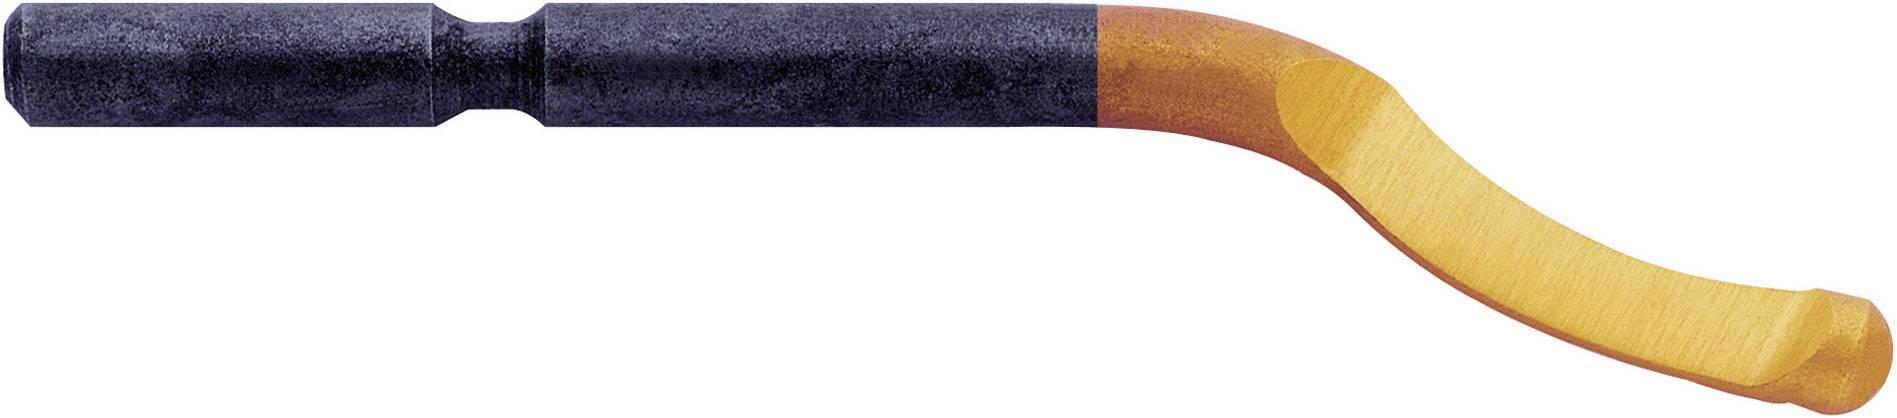 Začišťovací nůž Exact 60057, 3,2 mm